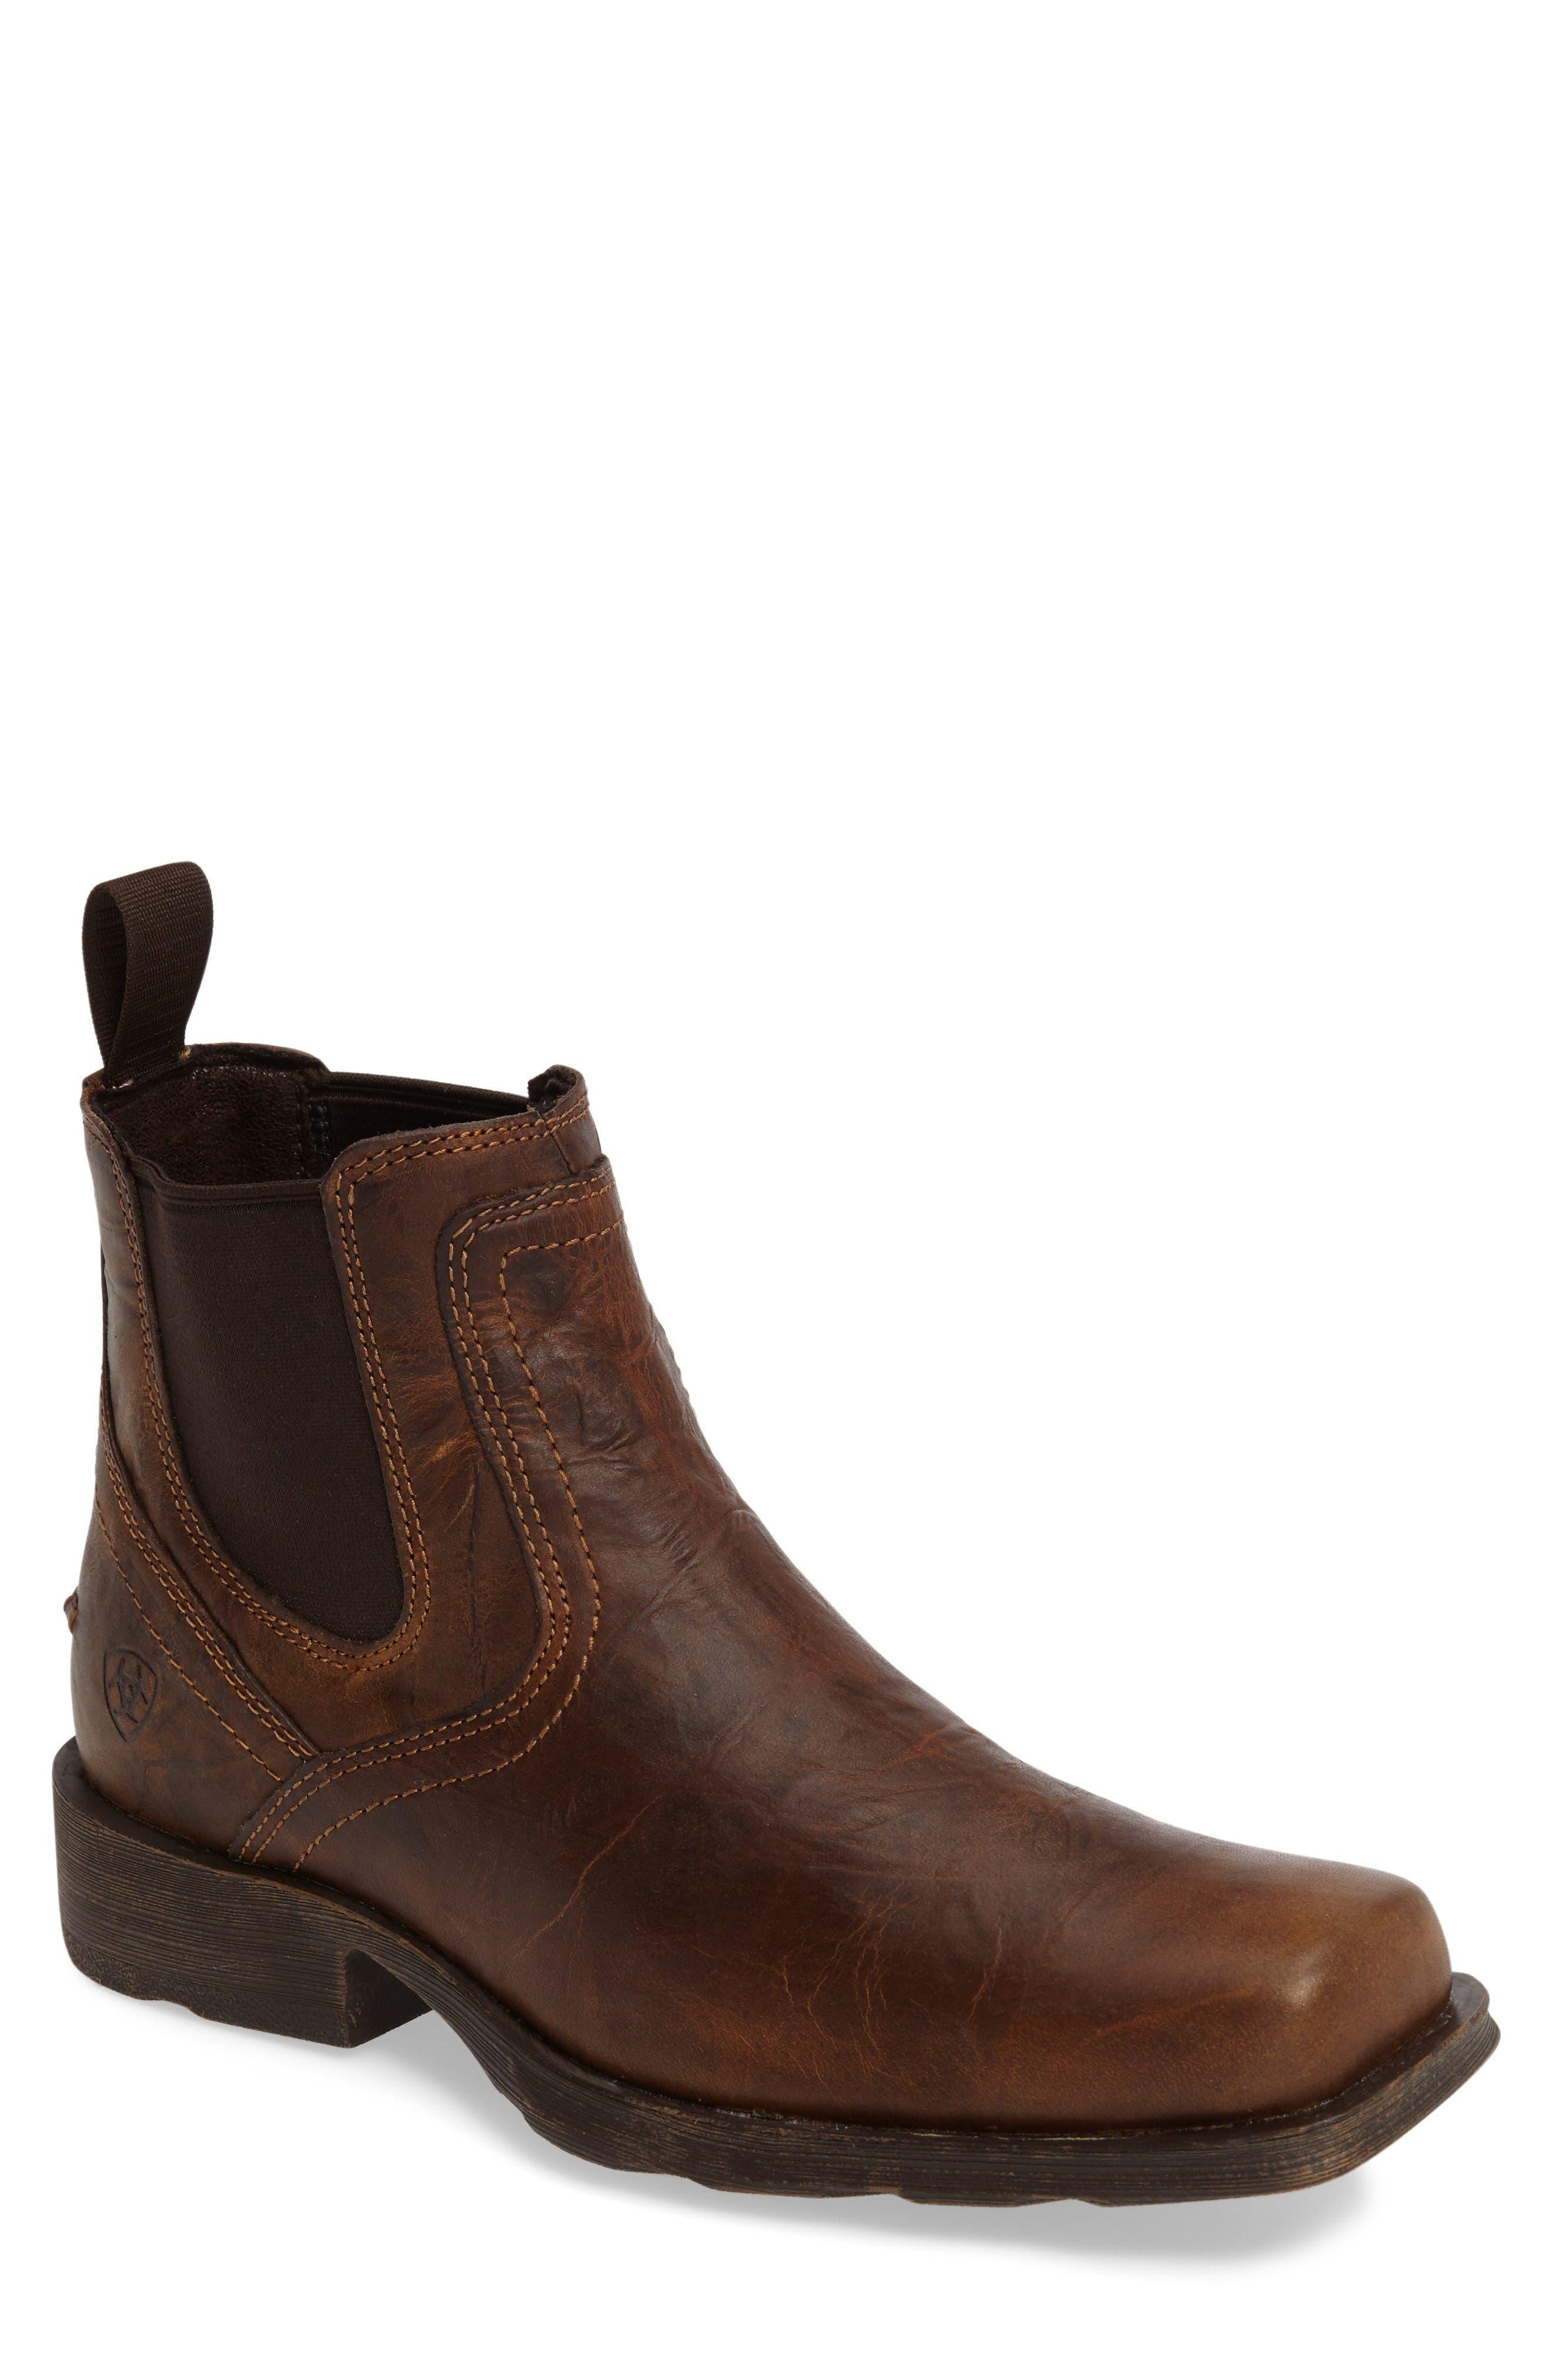 Ariat Midtown Rambler Mid Chelsea Boot (Men)